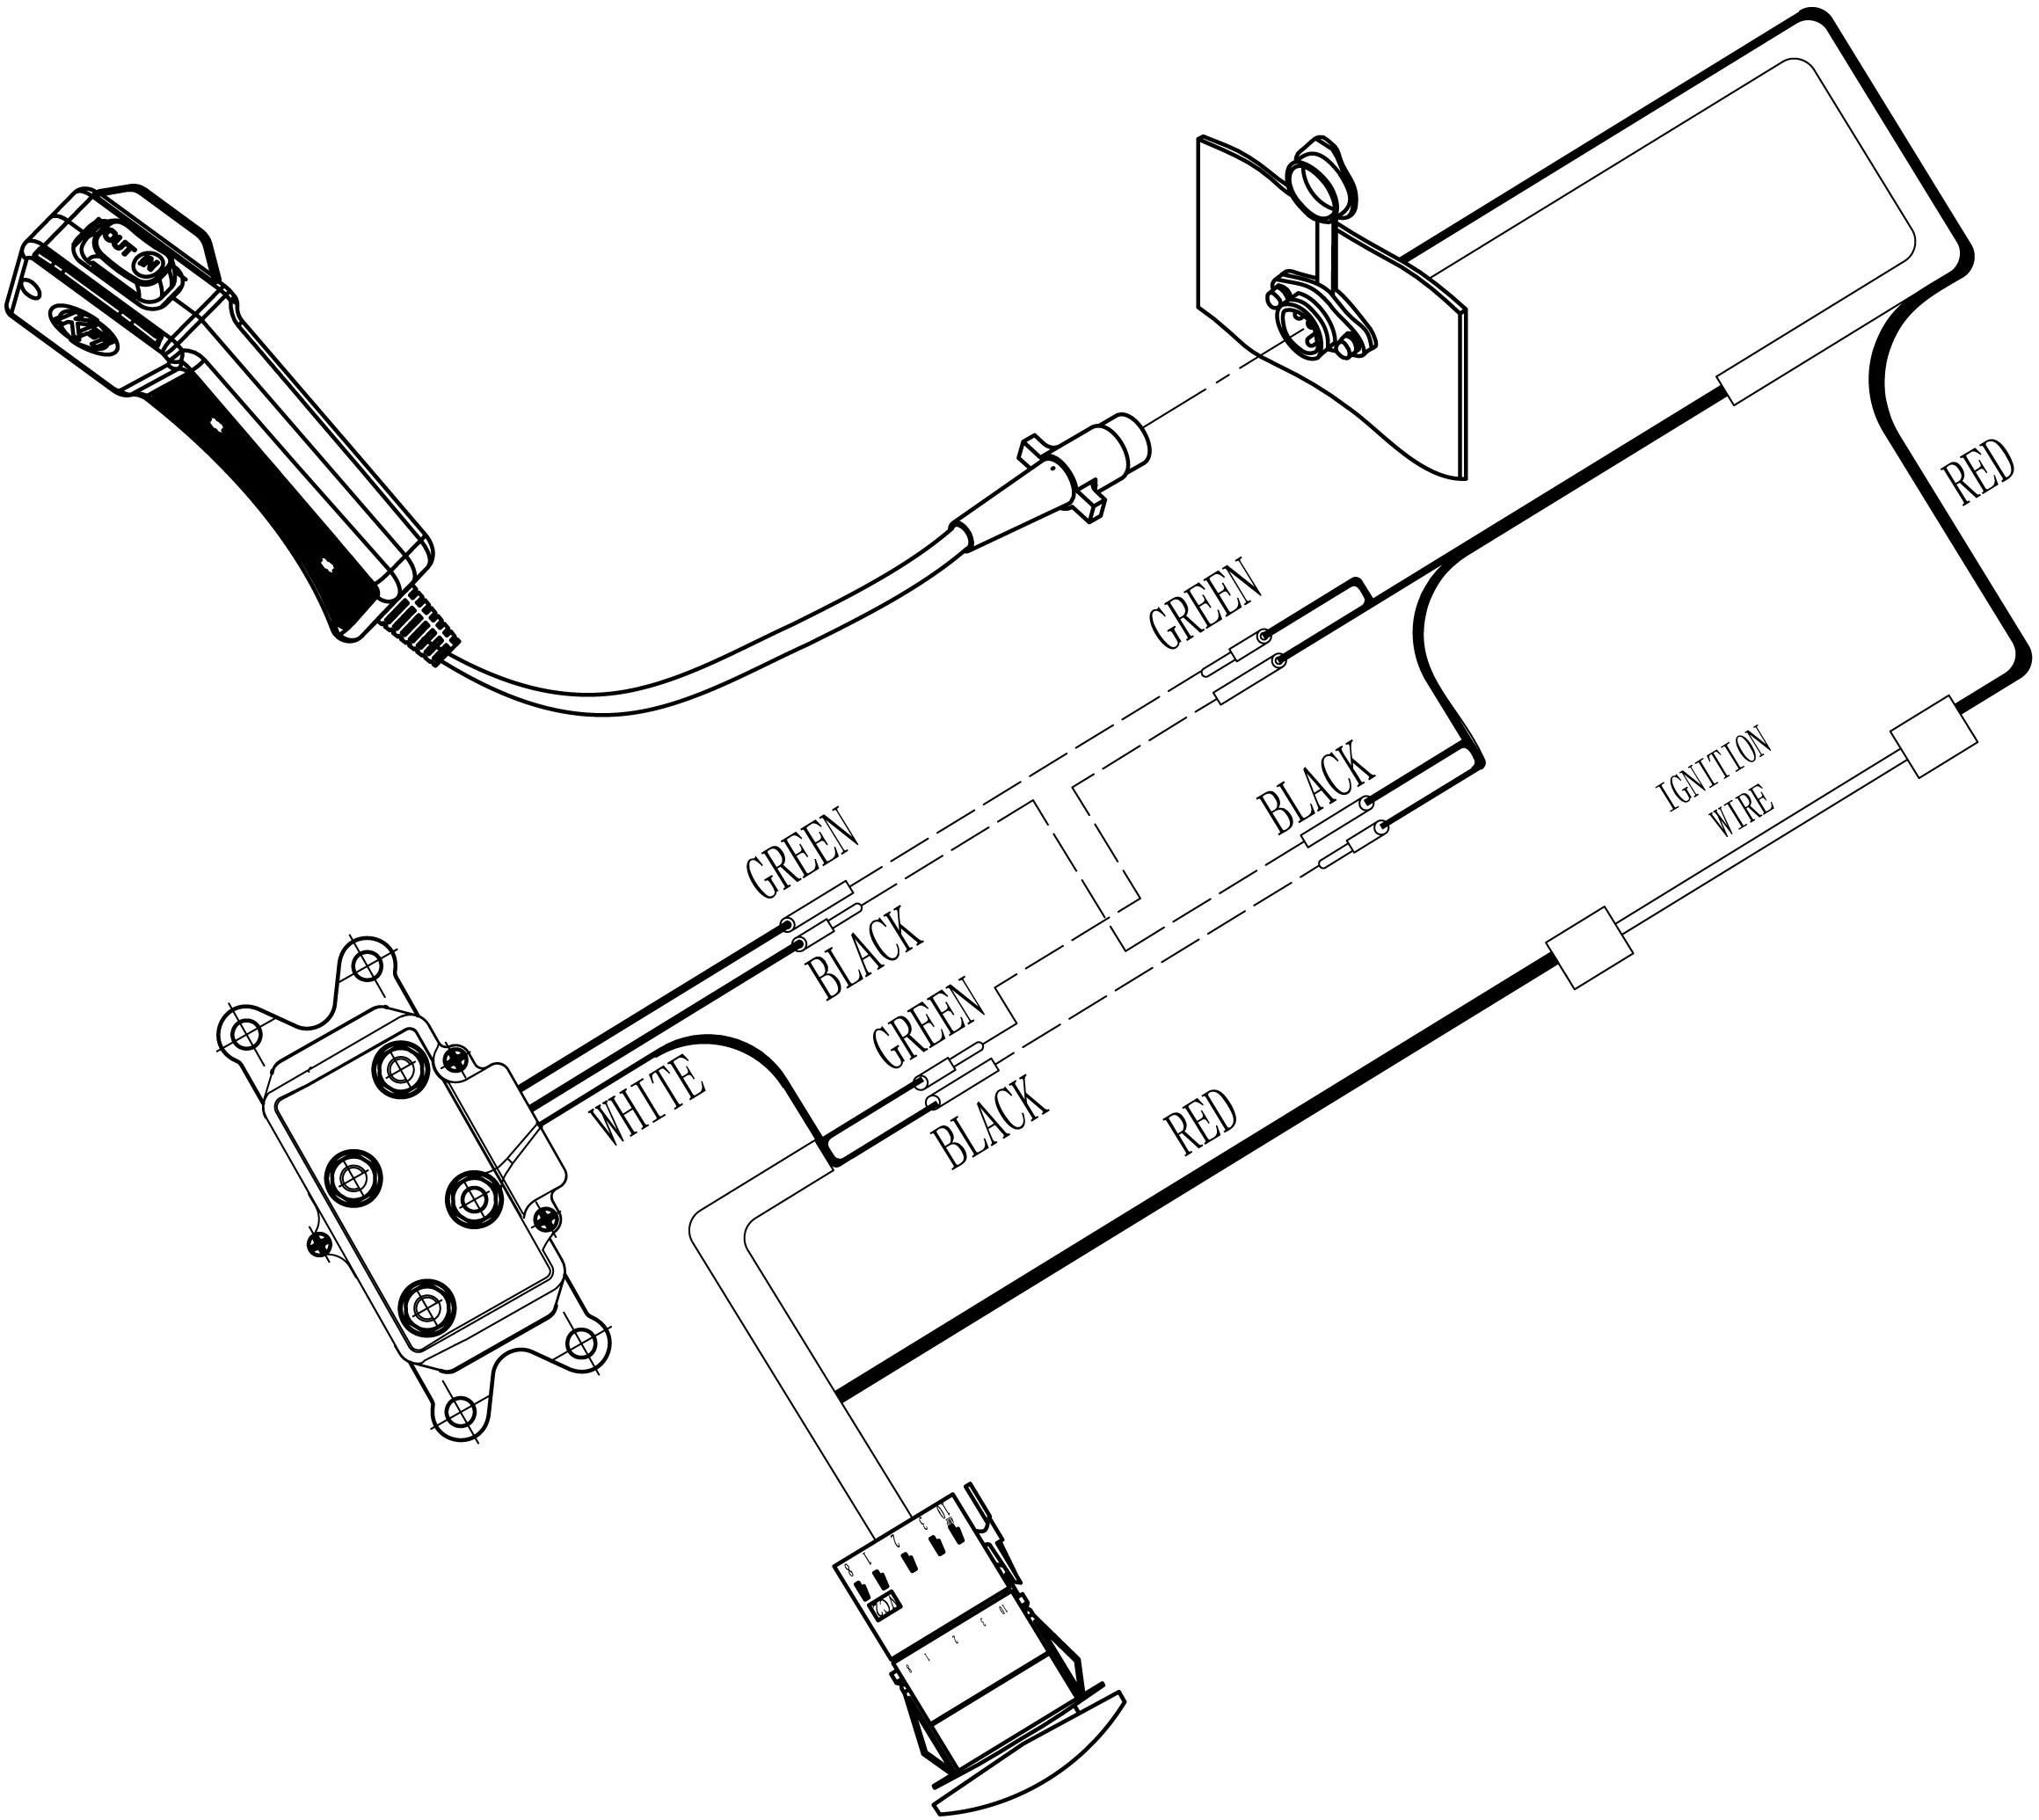 kfi atv contactor wiring diagram everything wiring diagram winch contactor wiring diagram [ 2319 x 2070 Pixel ]